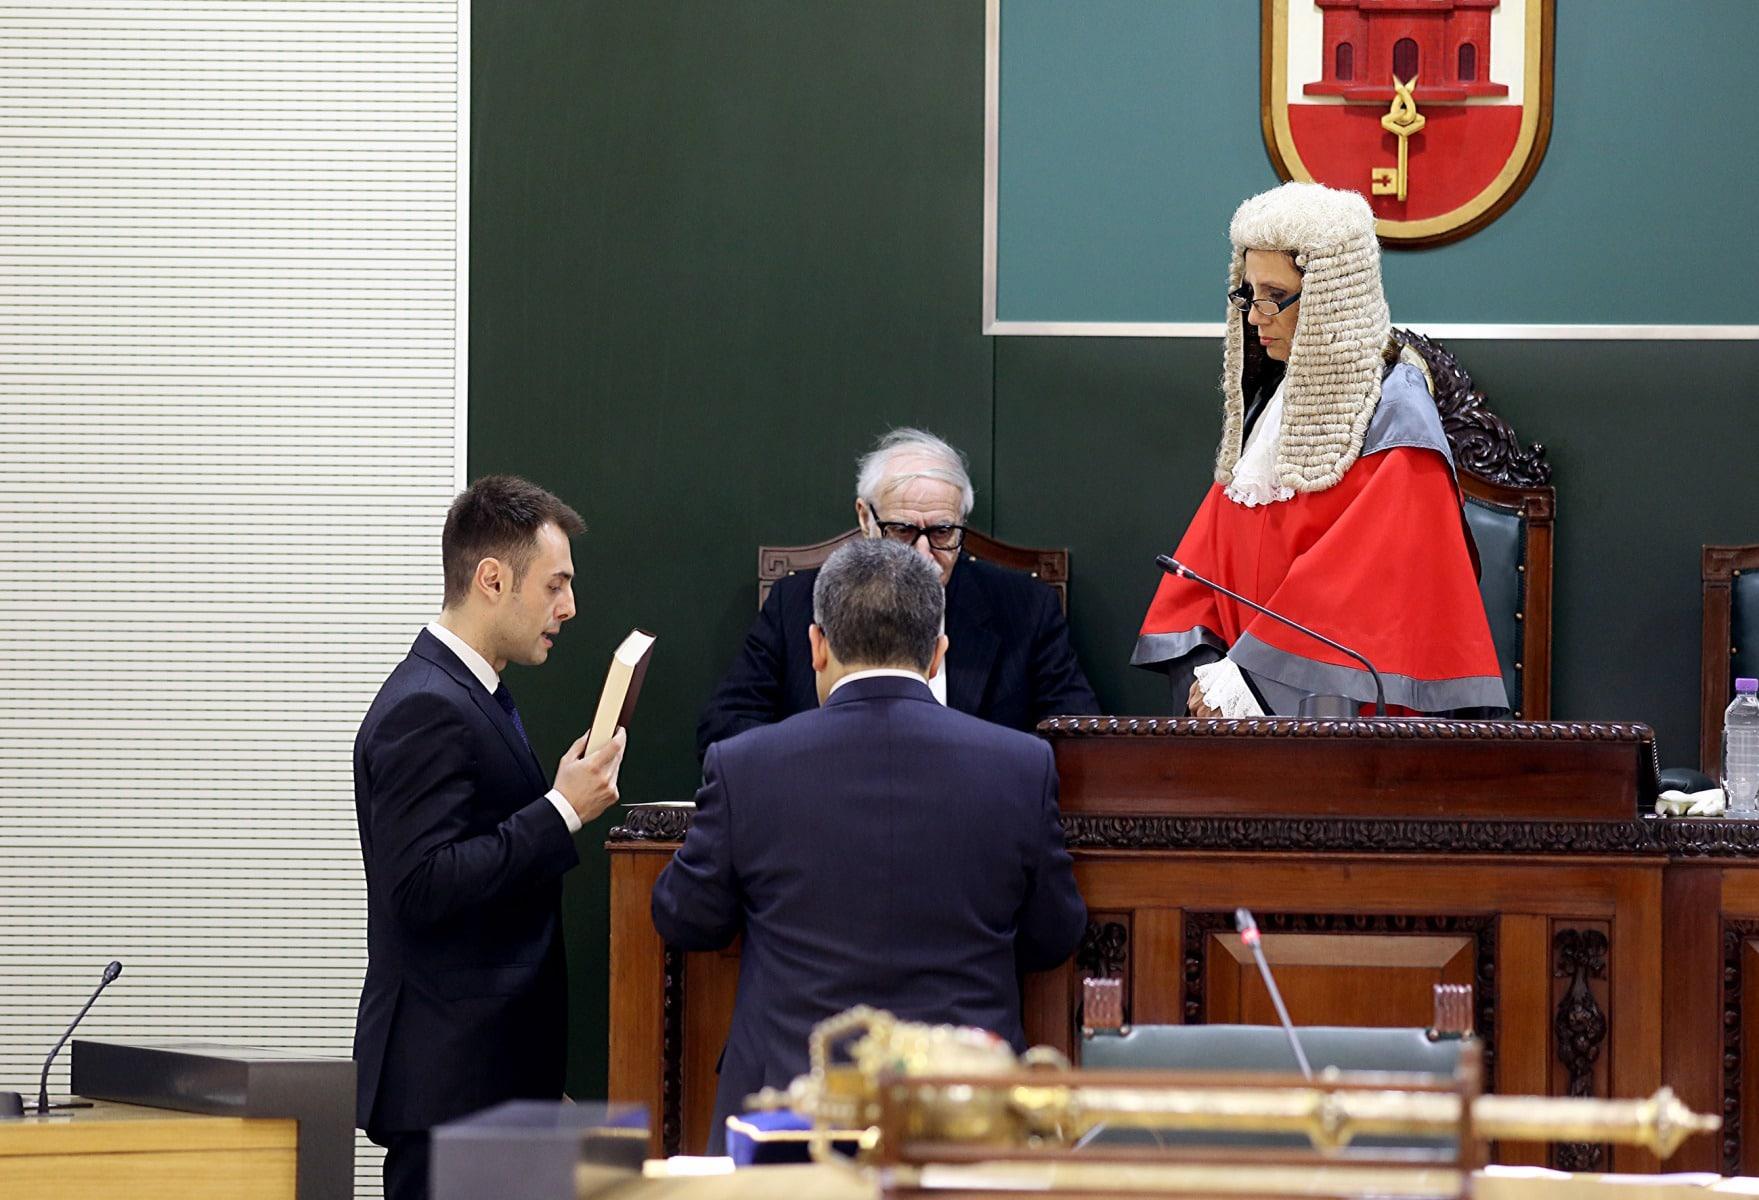 9-de-diciembre-de-2015-ceremonia-inaugural-del-nuevo-parlamento-de-gibraltar_23006003394_o